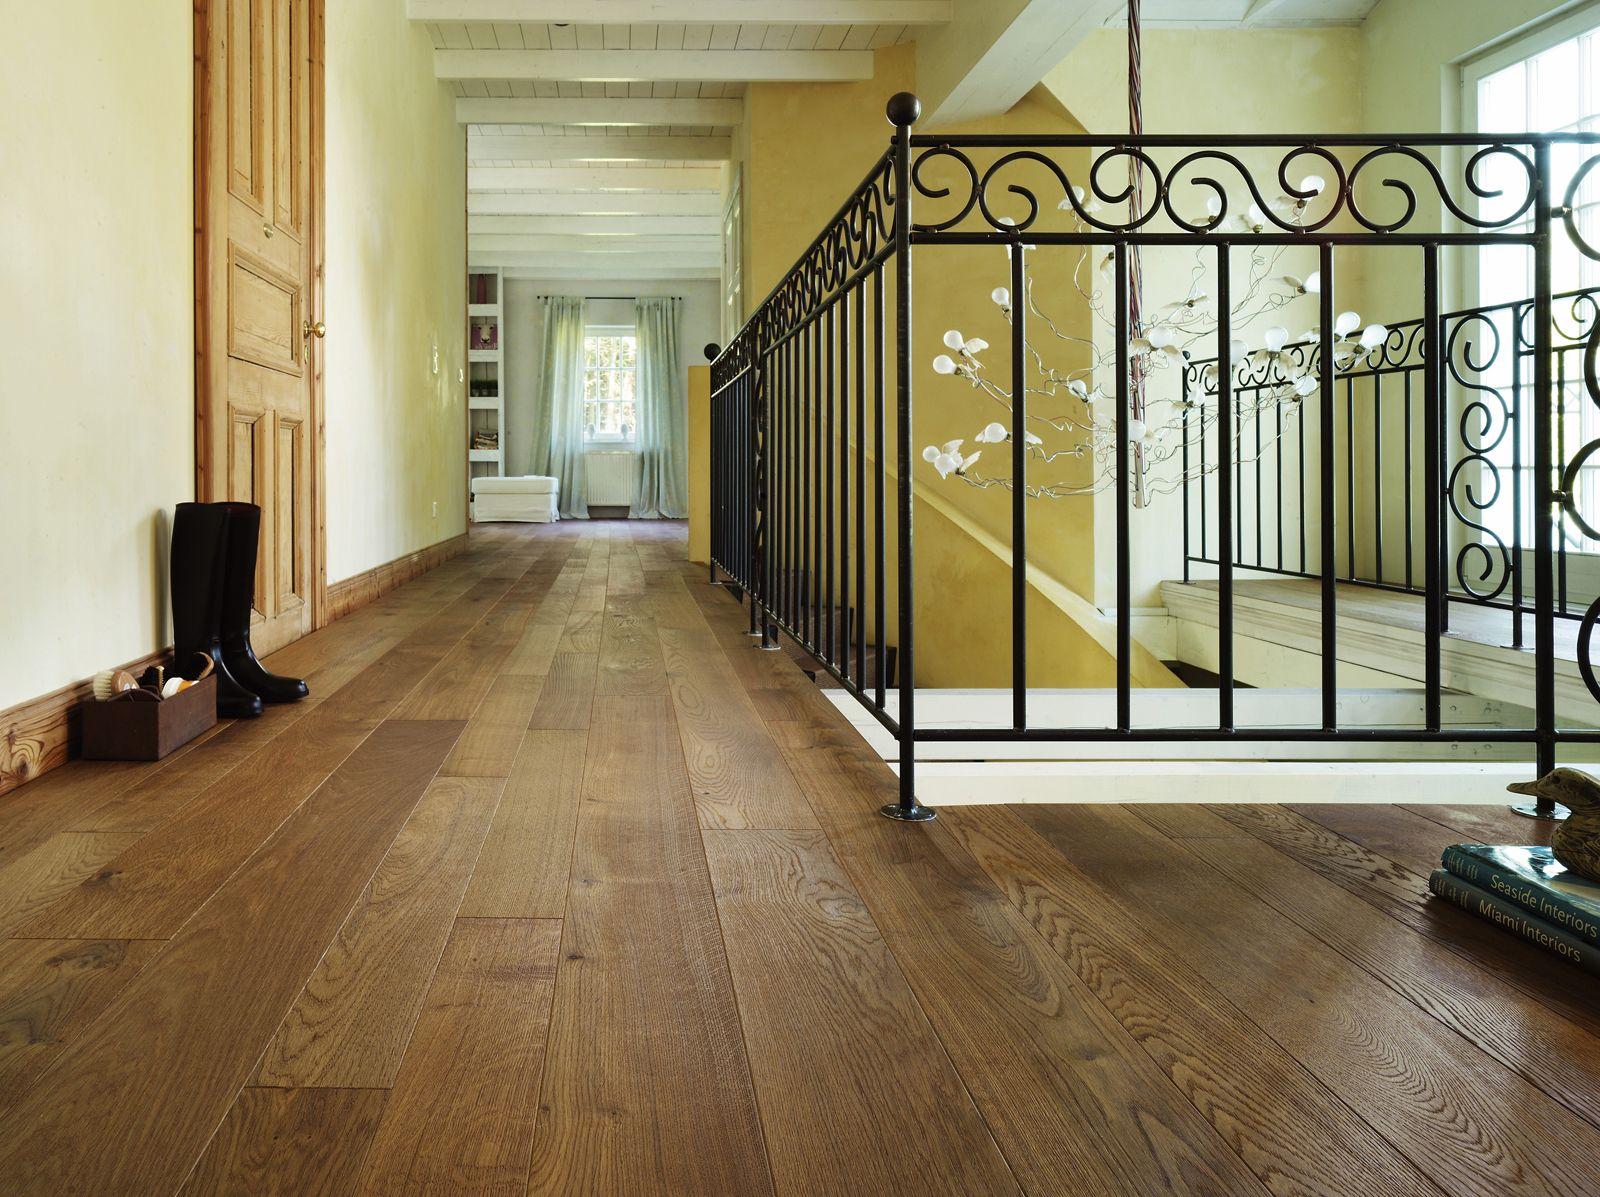 haro parkett landhausdiele 4000 bernsteineiche markant strukturiert 4v fase natur ge lt haro. Black Bedroom Furniture Sets. Home Design Ideas